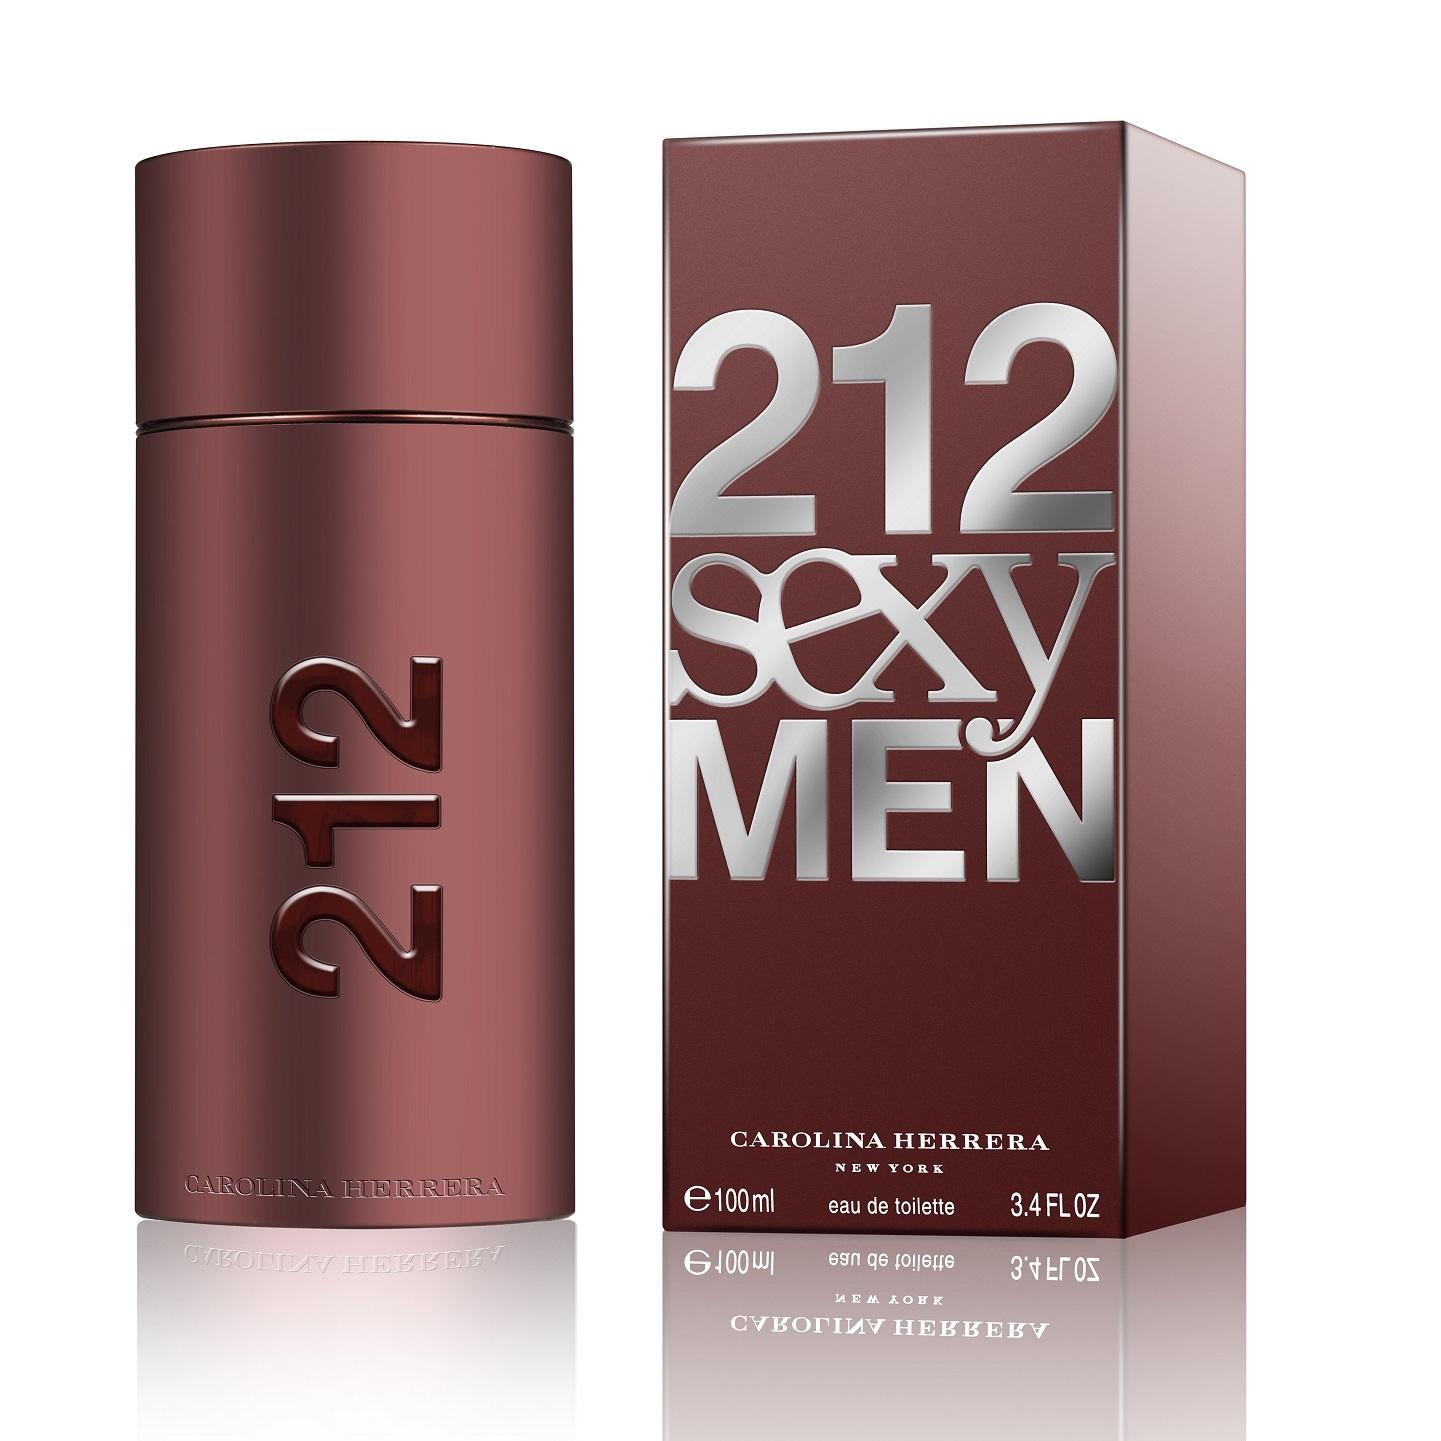 Carolina Herrera 212 Sexy Men Eau De Toilette 100ml